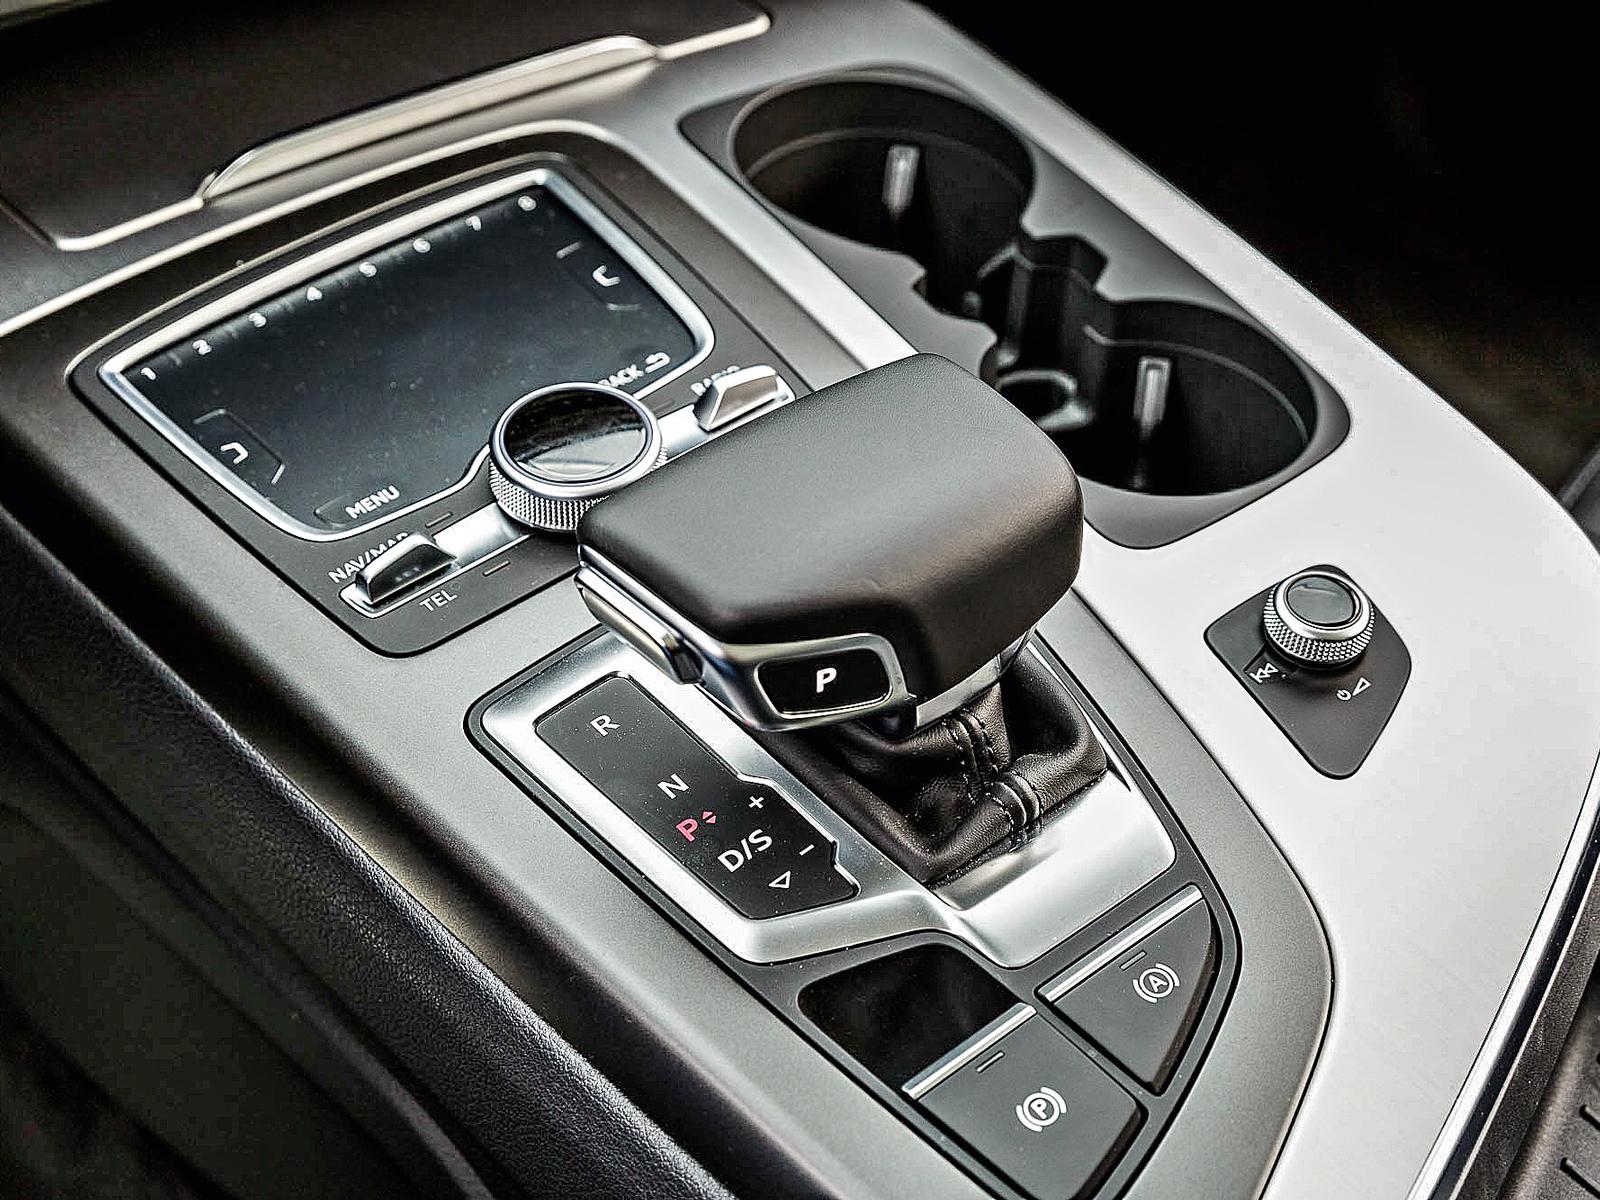 Câmbio do Audi é automático